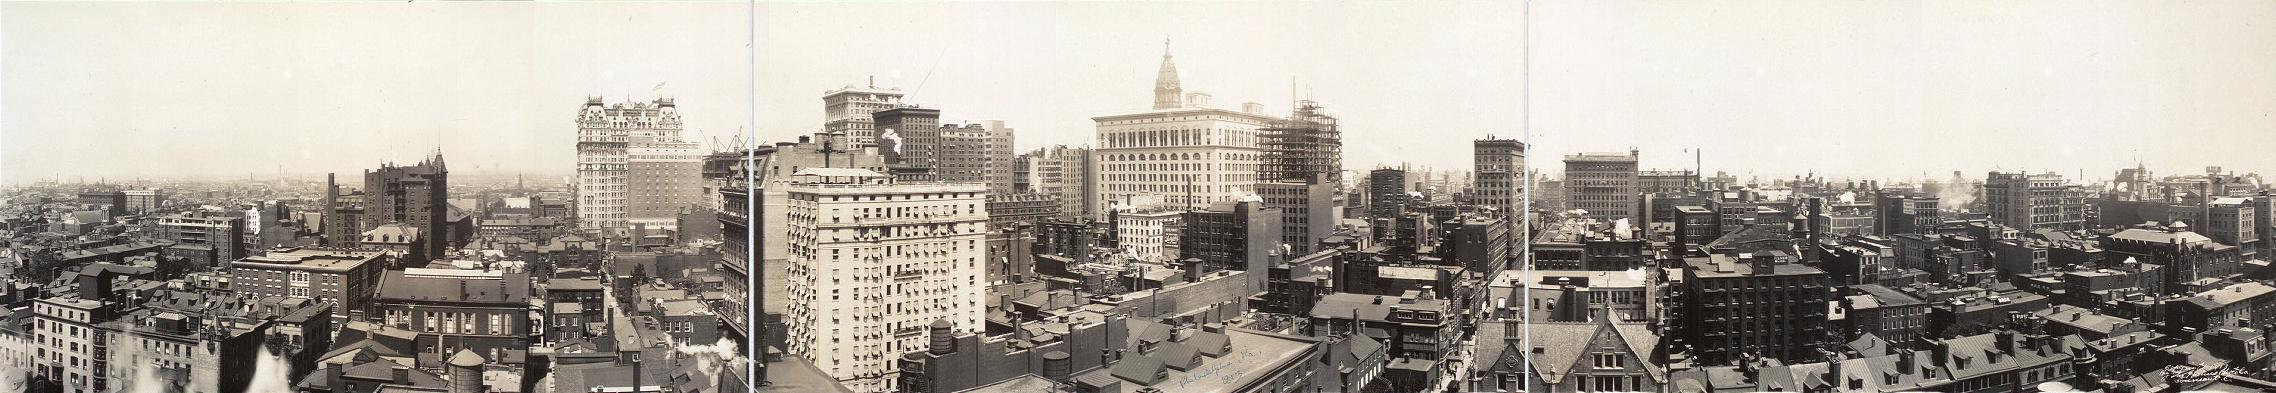 Panóramica del downtown de Filadelfia en 1913. Autor desconocido. (DP).